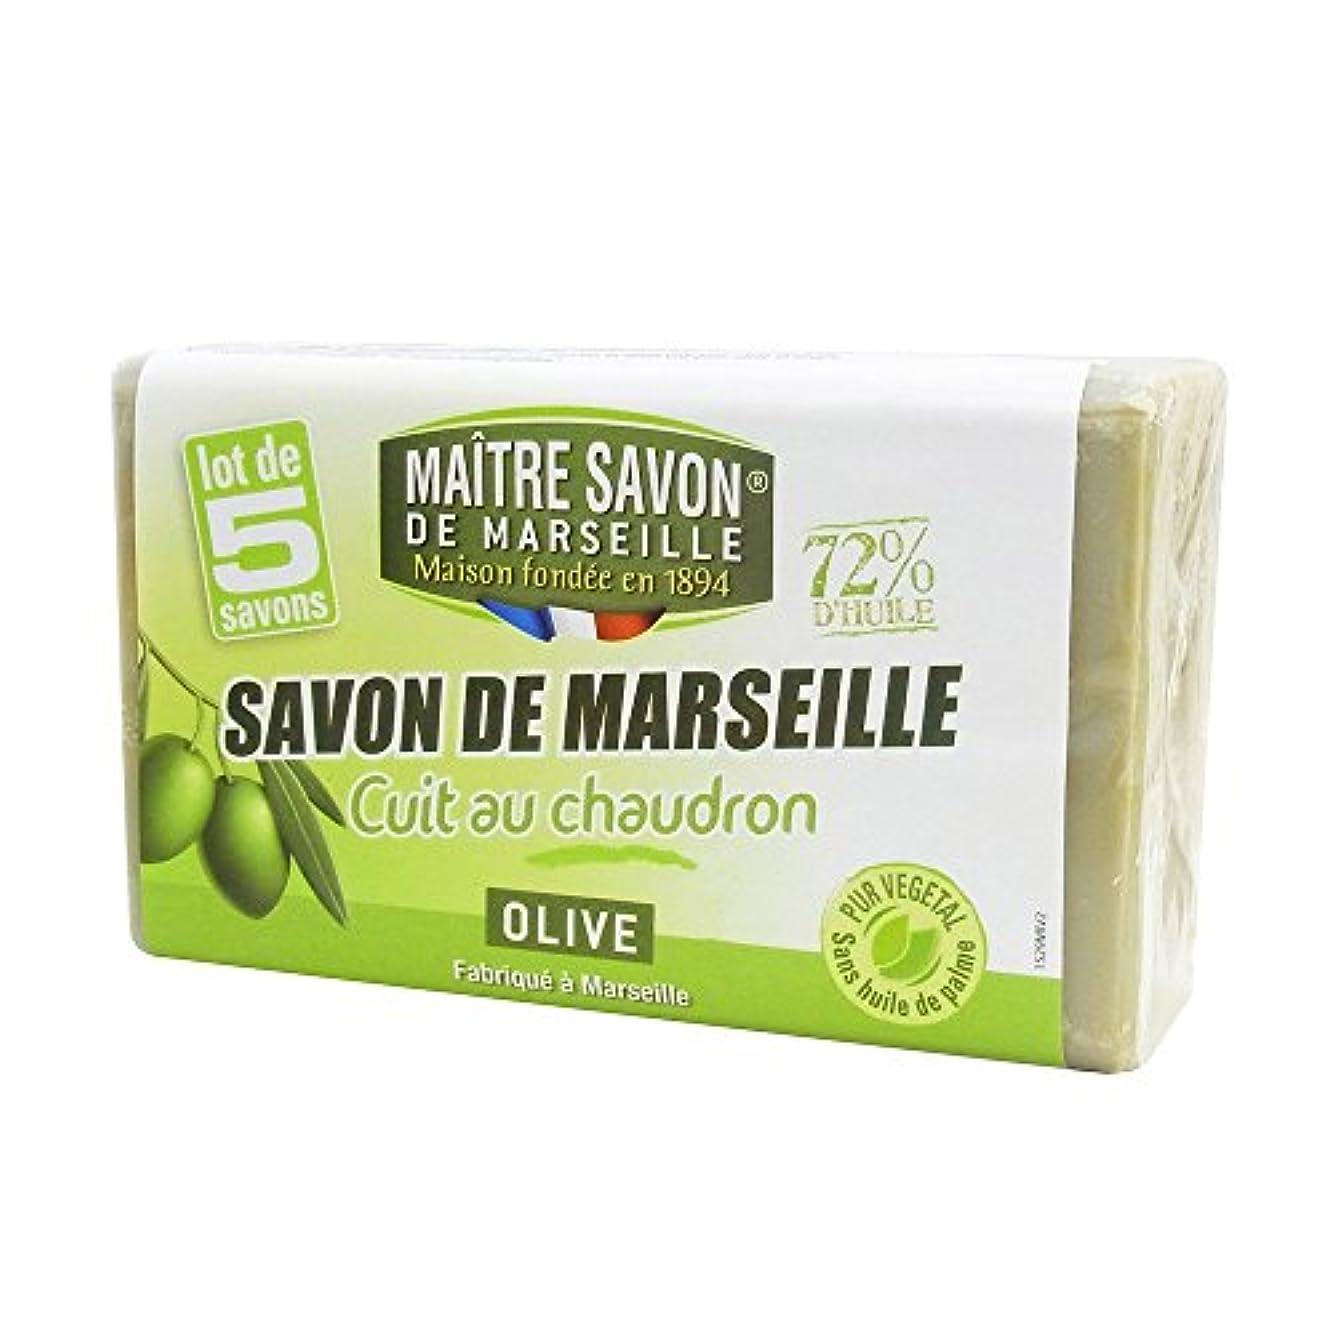 人気の雑品エレベーターMaitre Savon de Marseille(メートル?サボン?ド?マルセイユ) サボン?ド?マルセイユ オリーブ 100g×5個